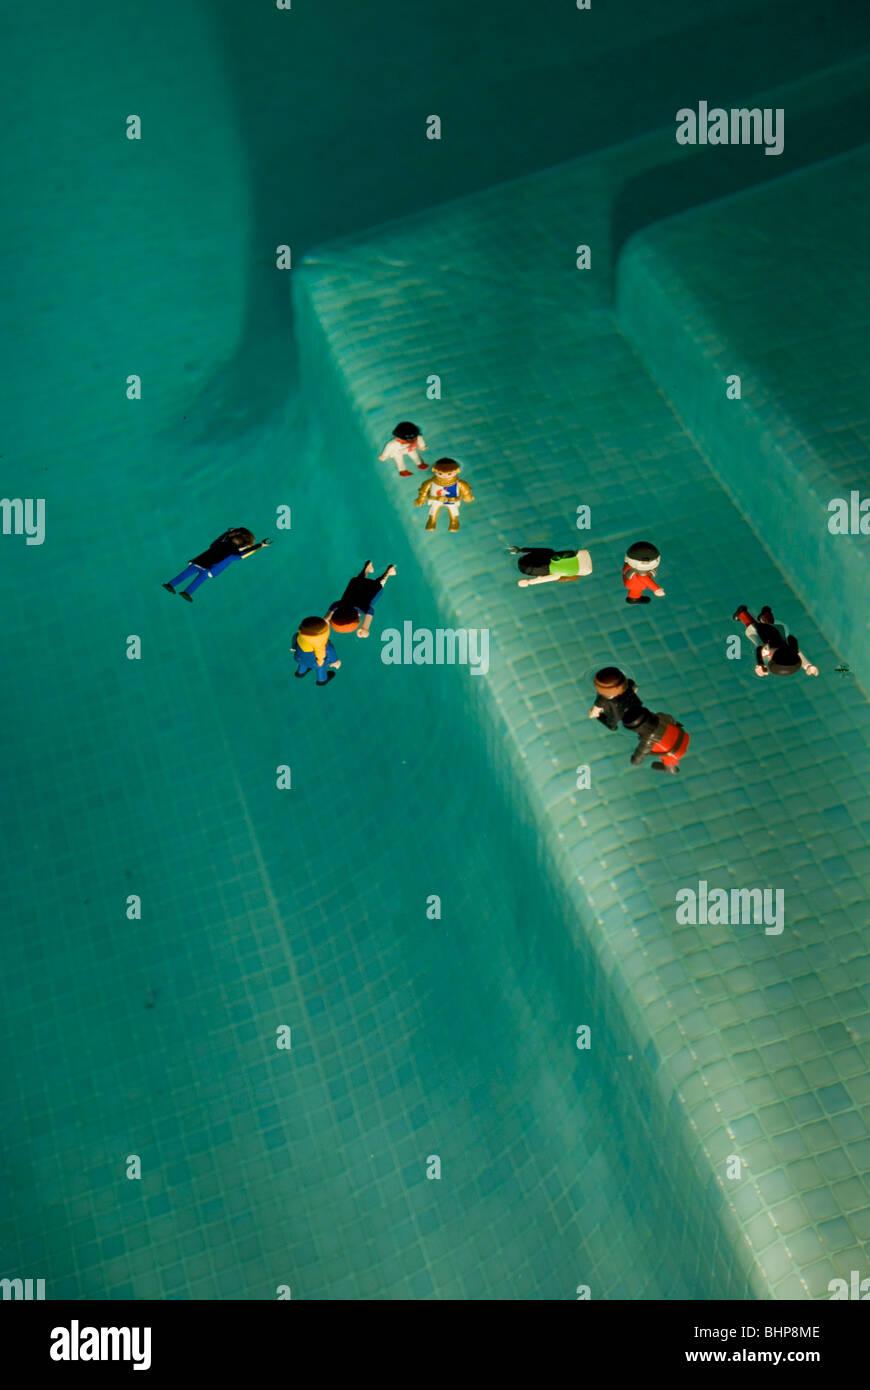 Guardando verso il basso in corrispondenza di figure giocattolo illuminato di galleggianti in piscina di notte Immagini Stock